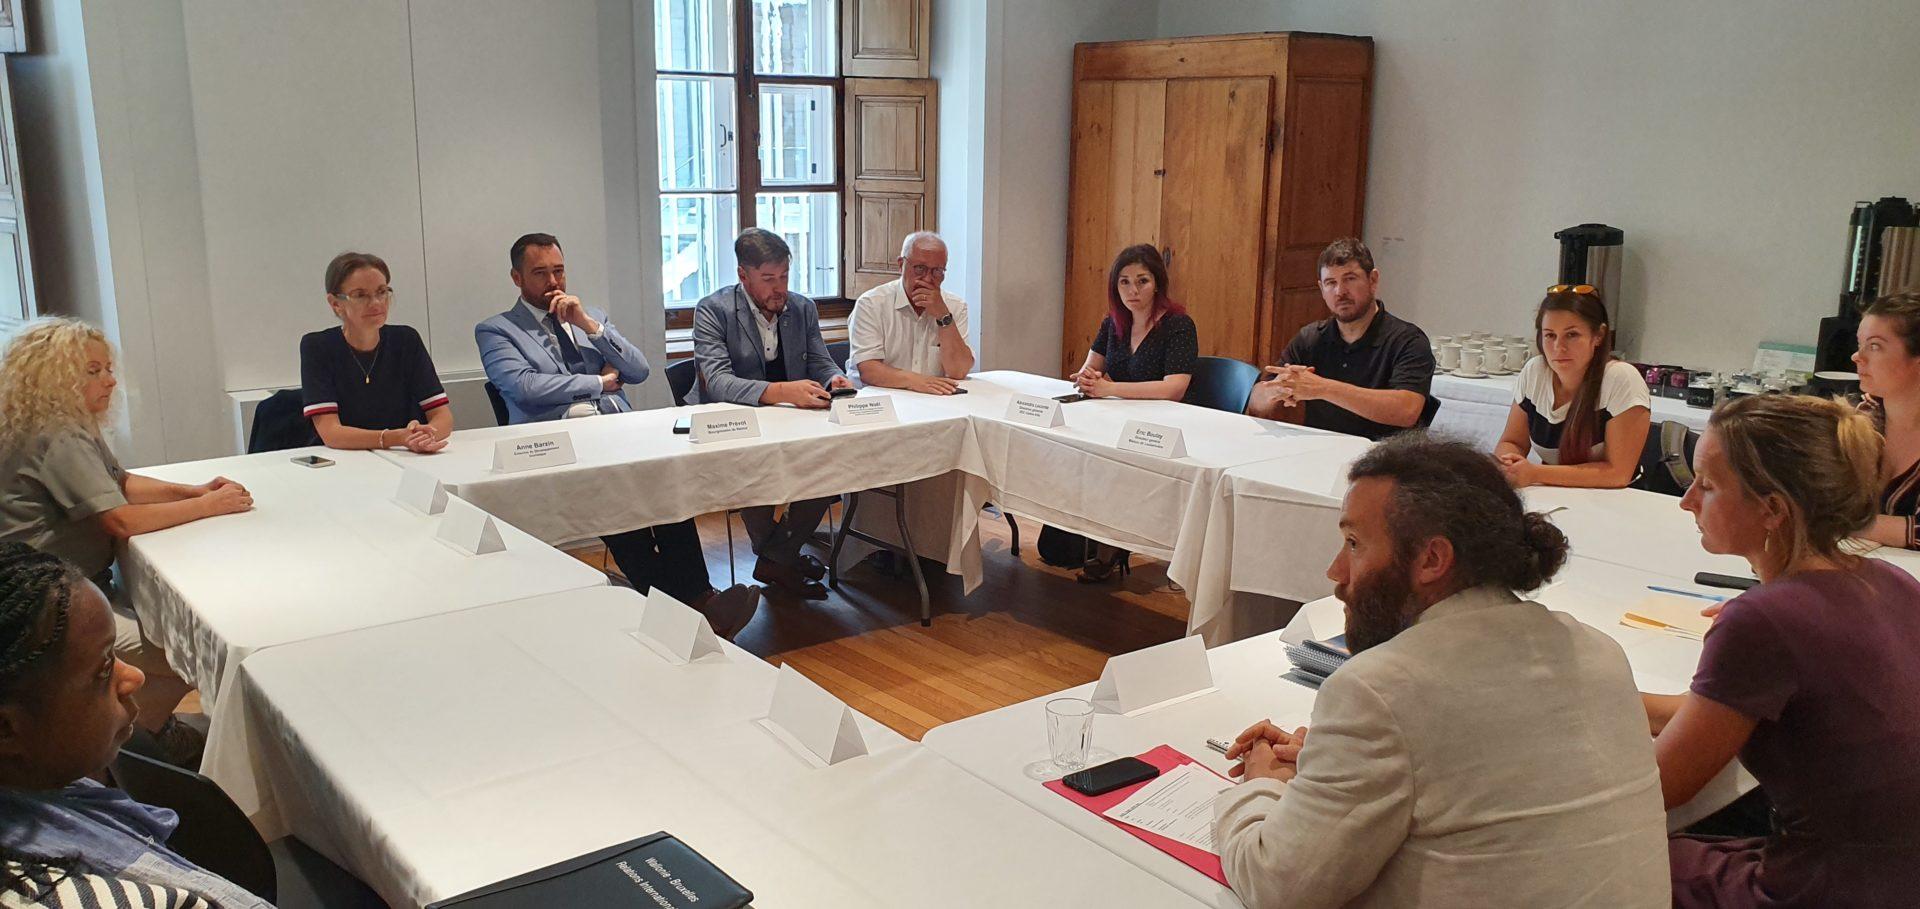 Québec 2020 - rencontres sur l'économie sociale